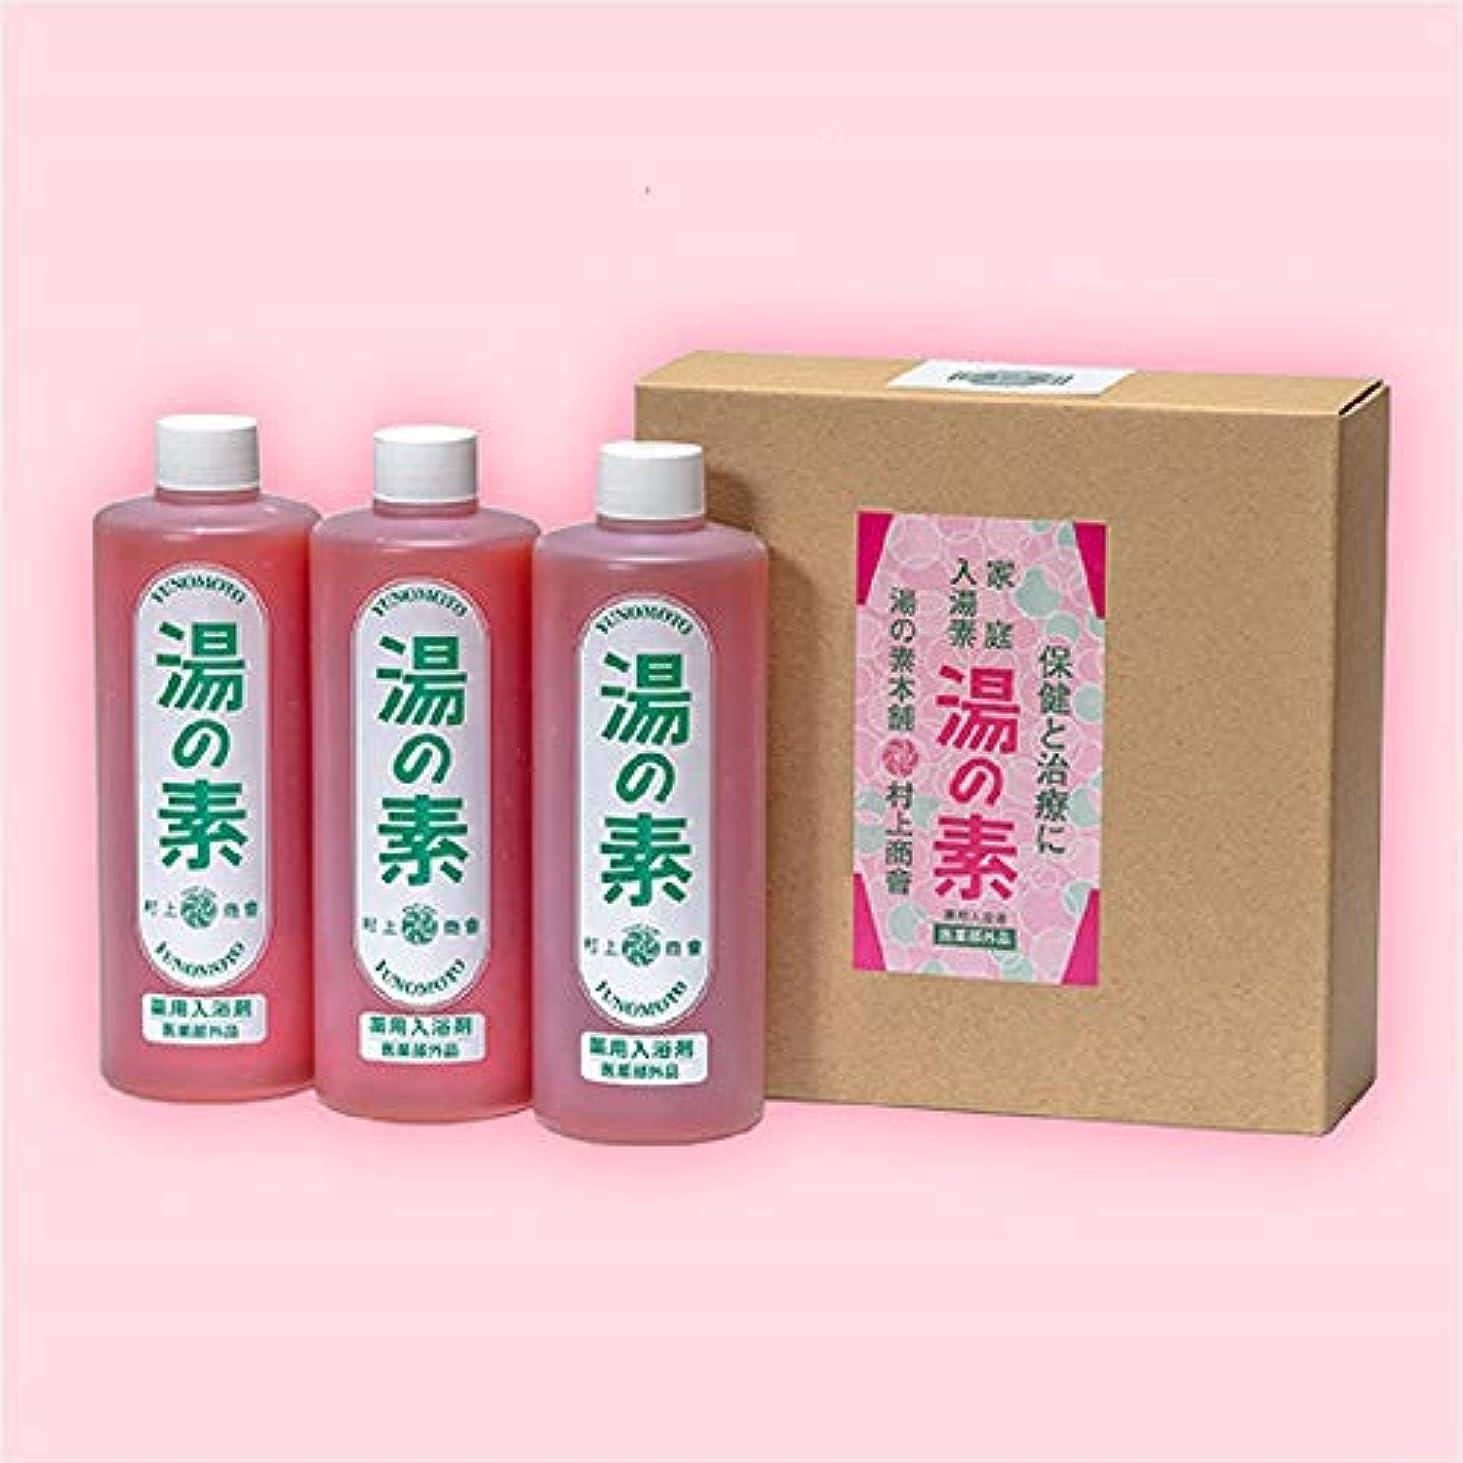 エゴイズム保存するペンス薬用入浴剤 湯の素 [医薬部外品] 490g(約50回分) 3本セット